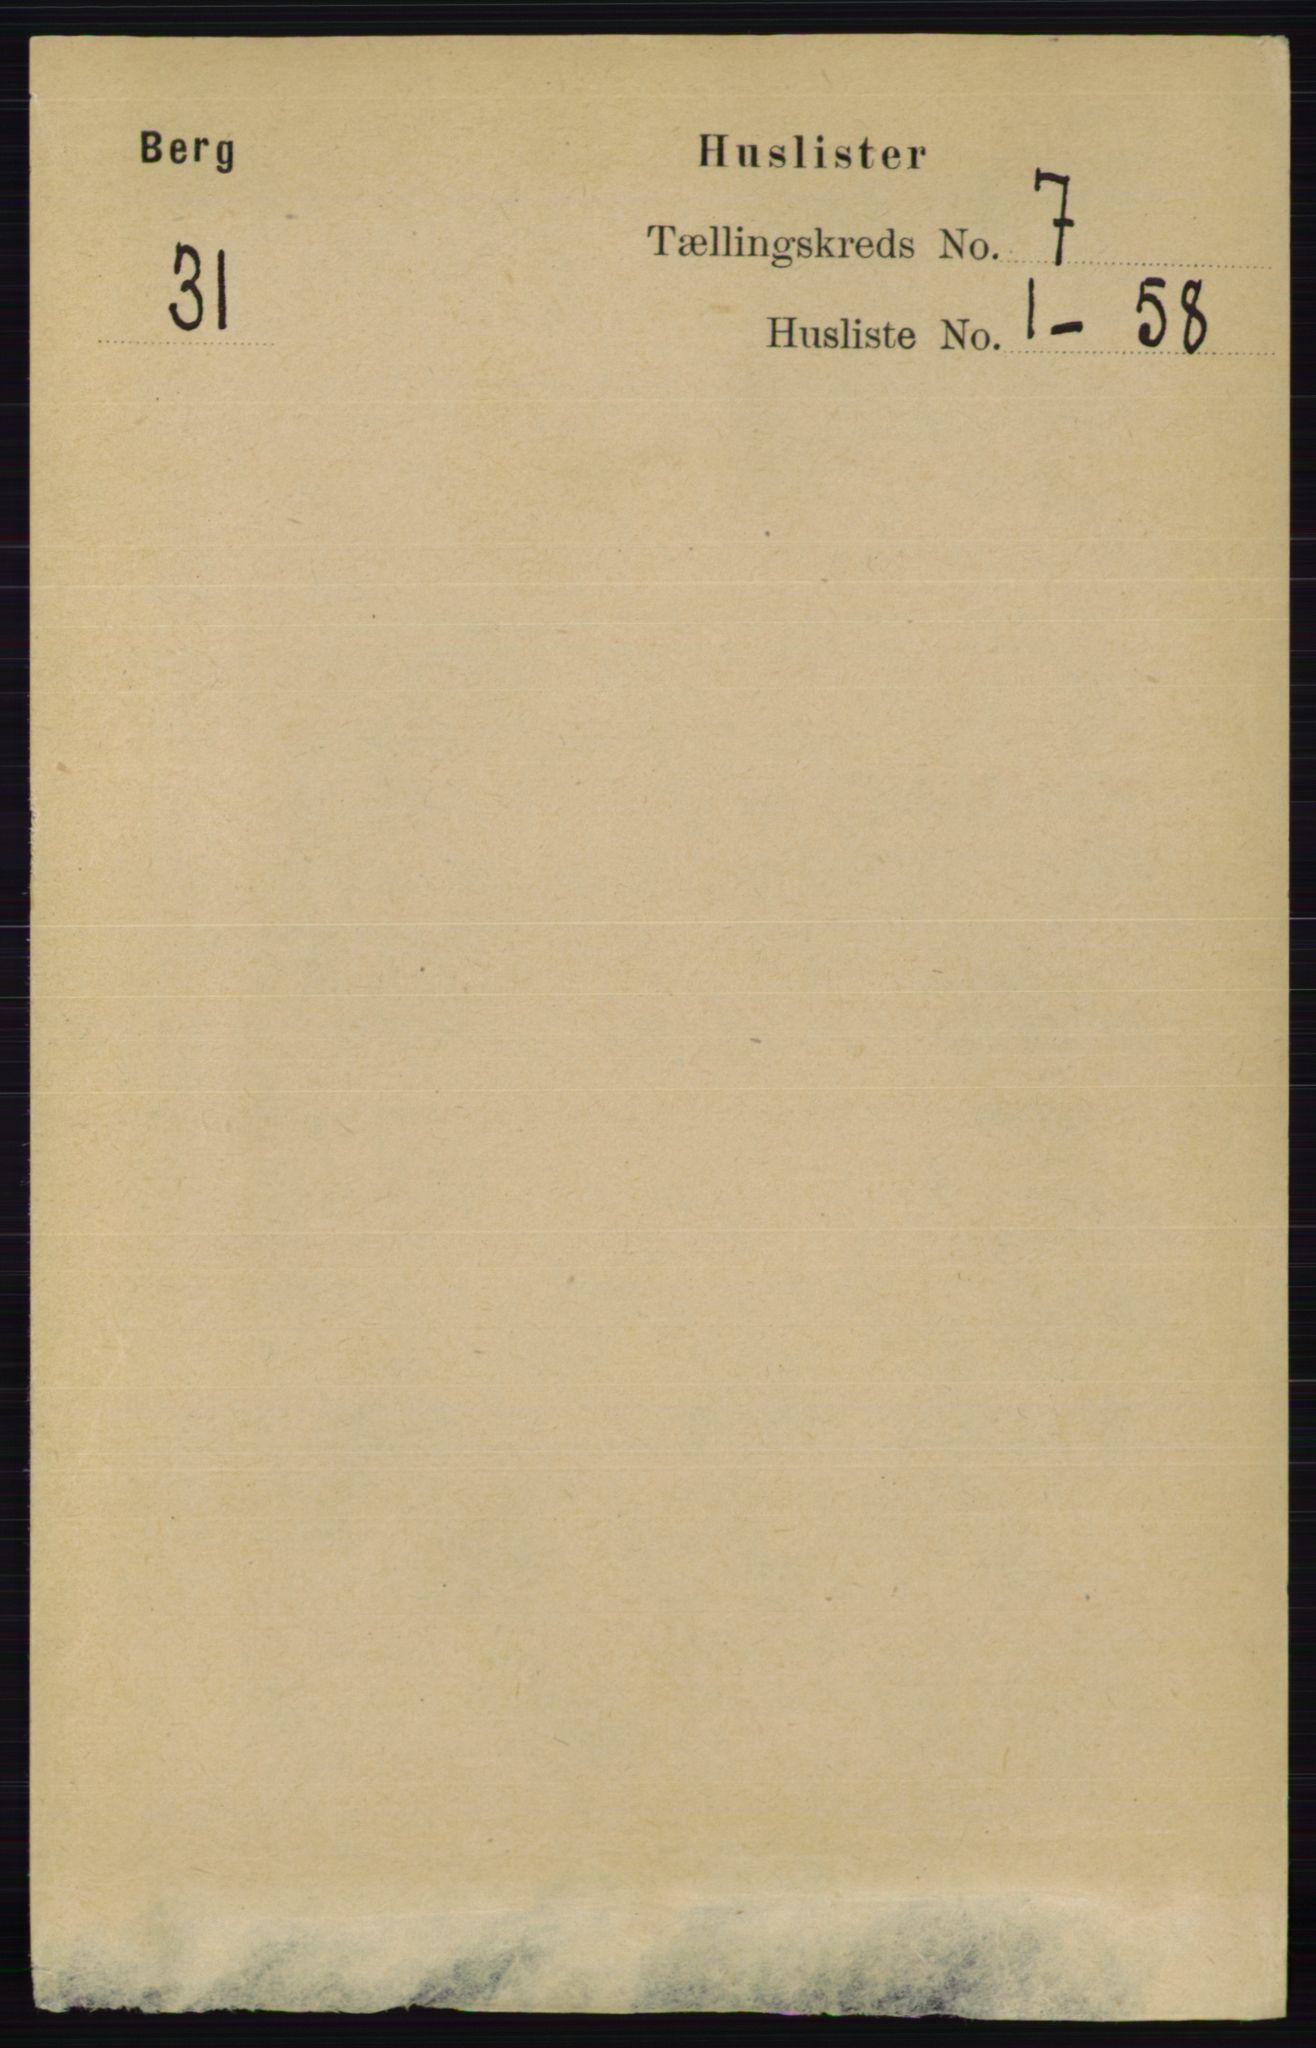 RA, Folketelling 1891 for 0116 Berg herred, 1891, s. 4902